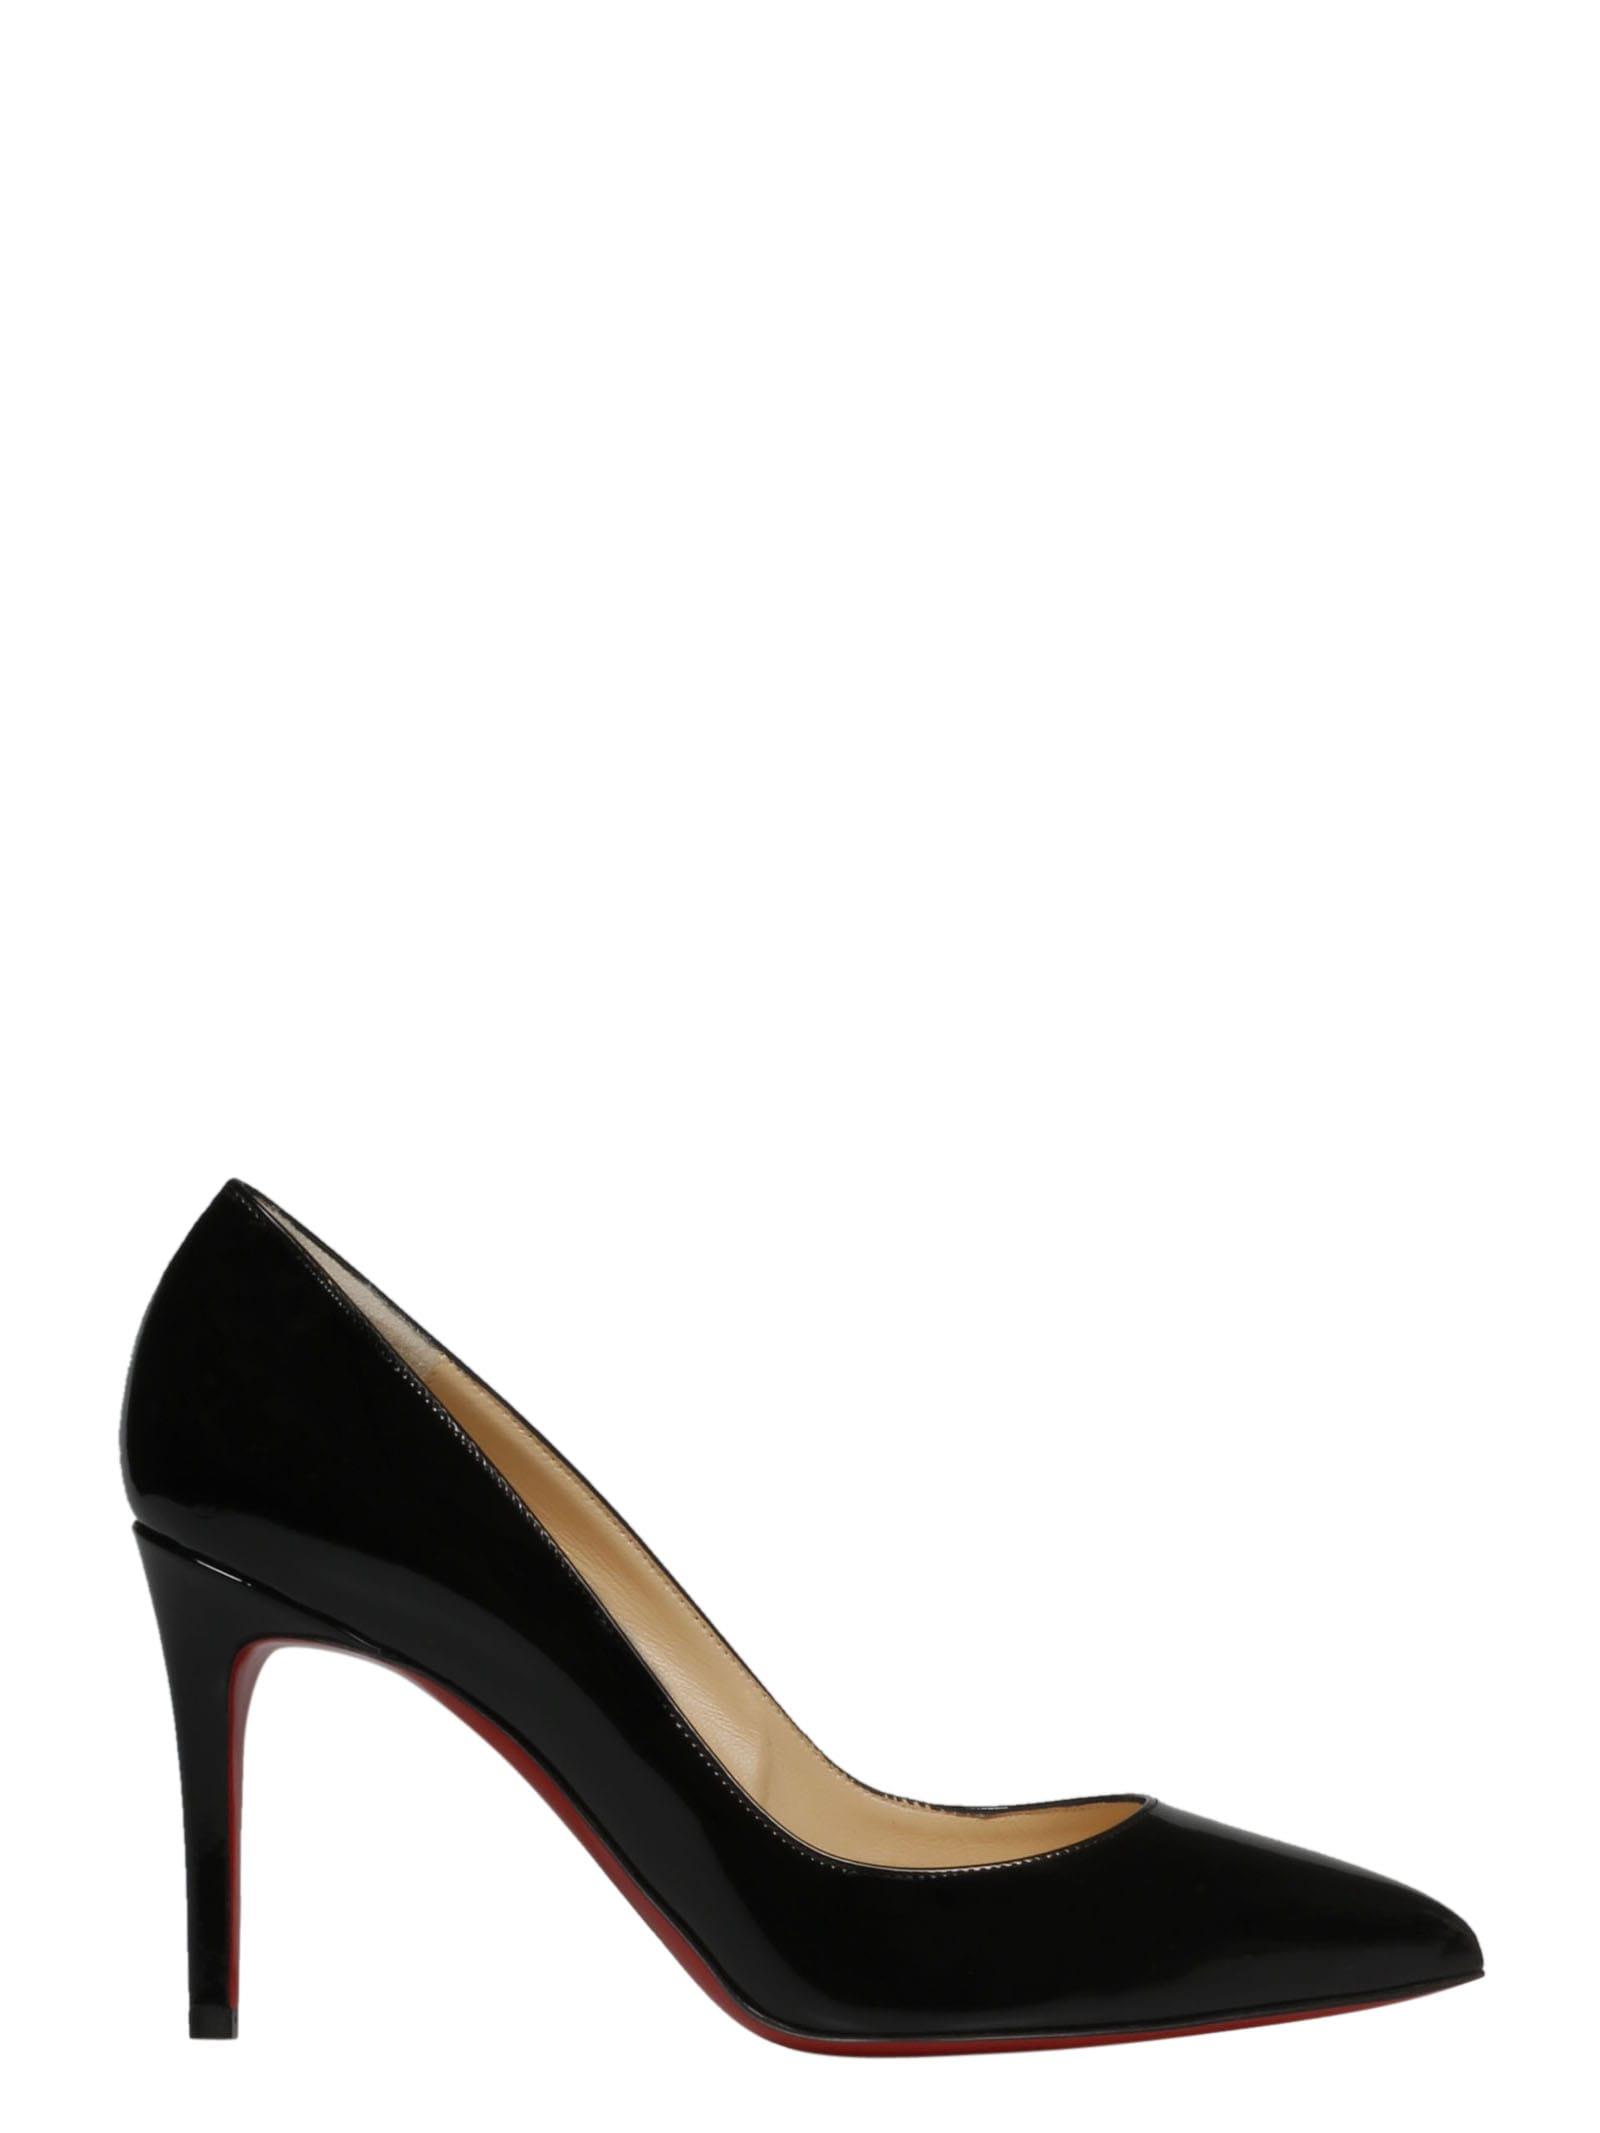 official photos 31e2e aaa0a Christian Louboutin Shoes